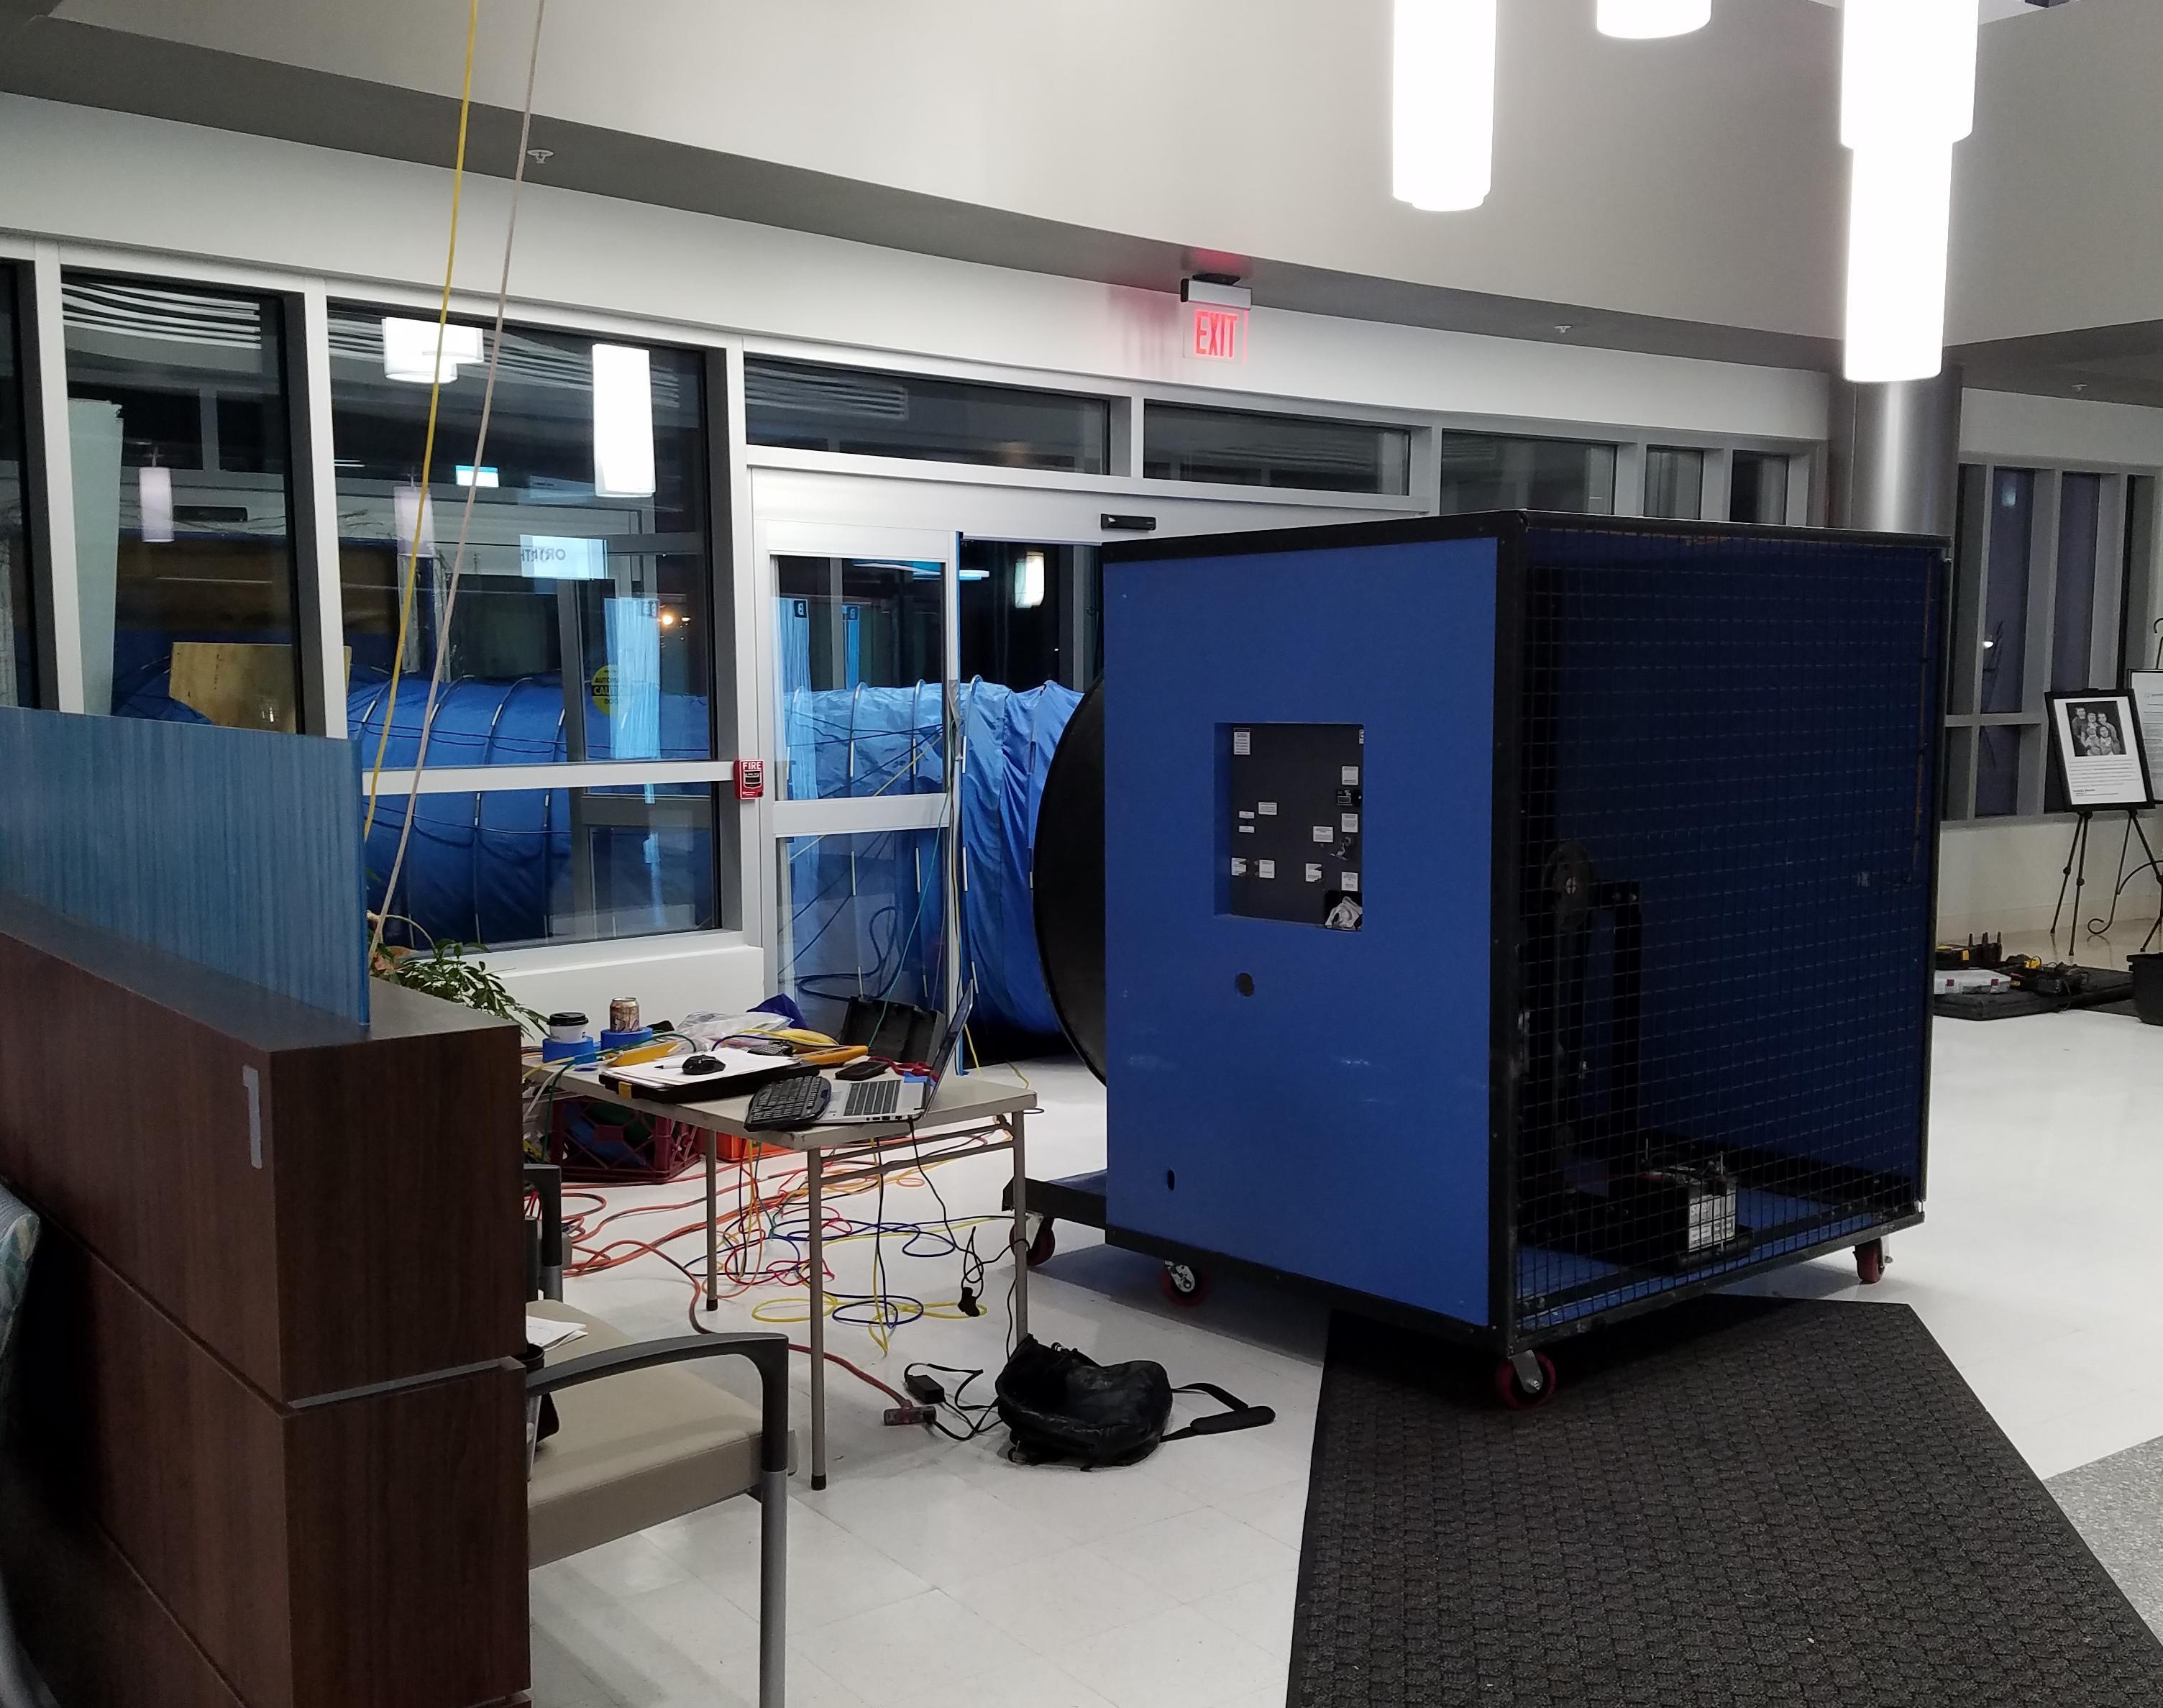 Inside view of commercial blower door equipment